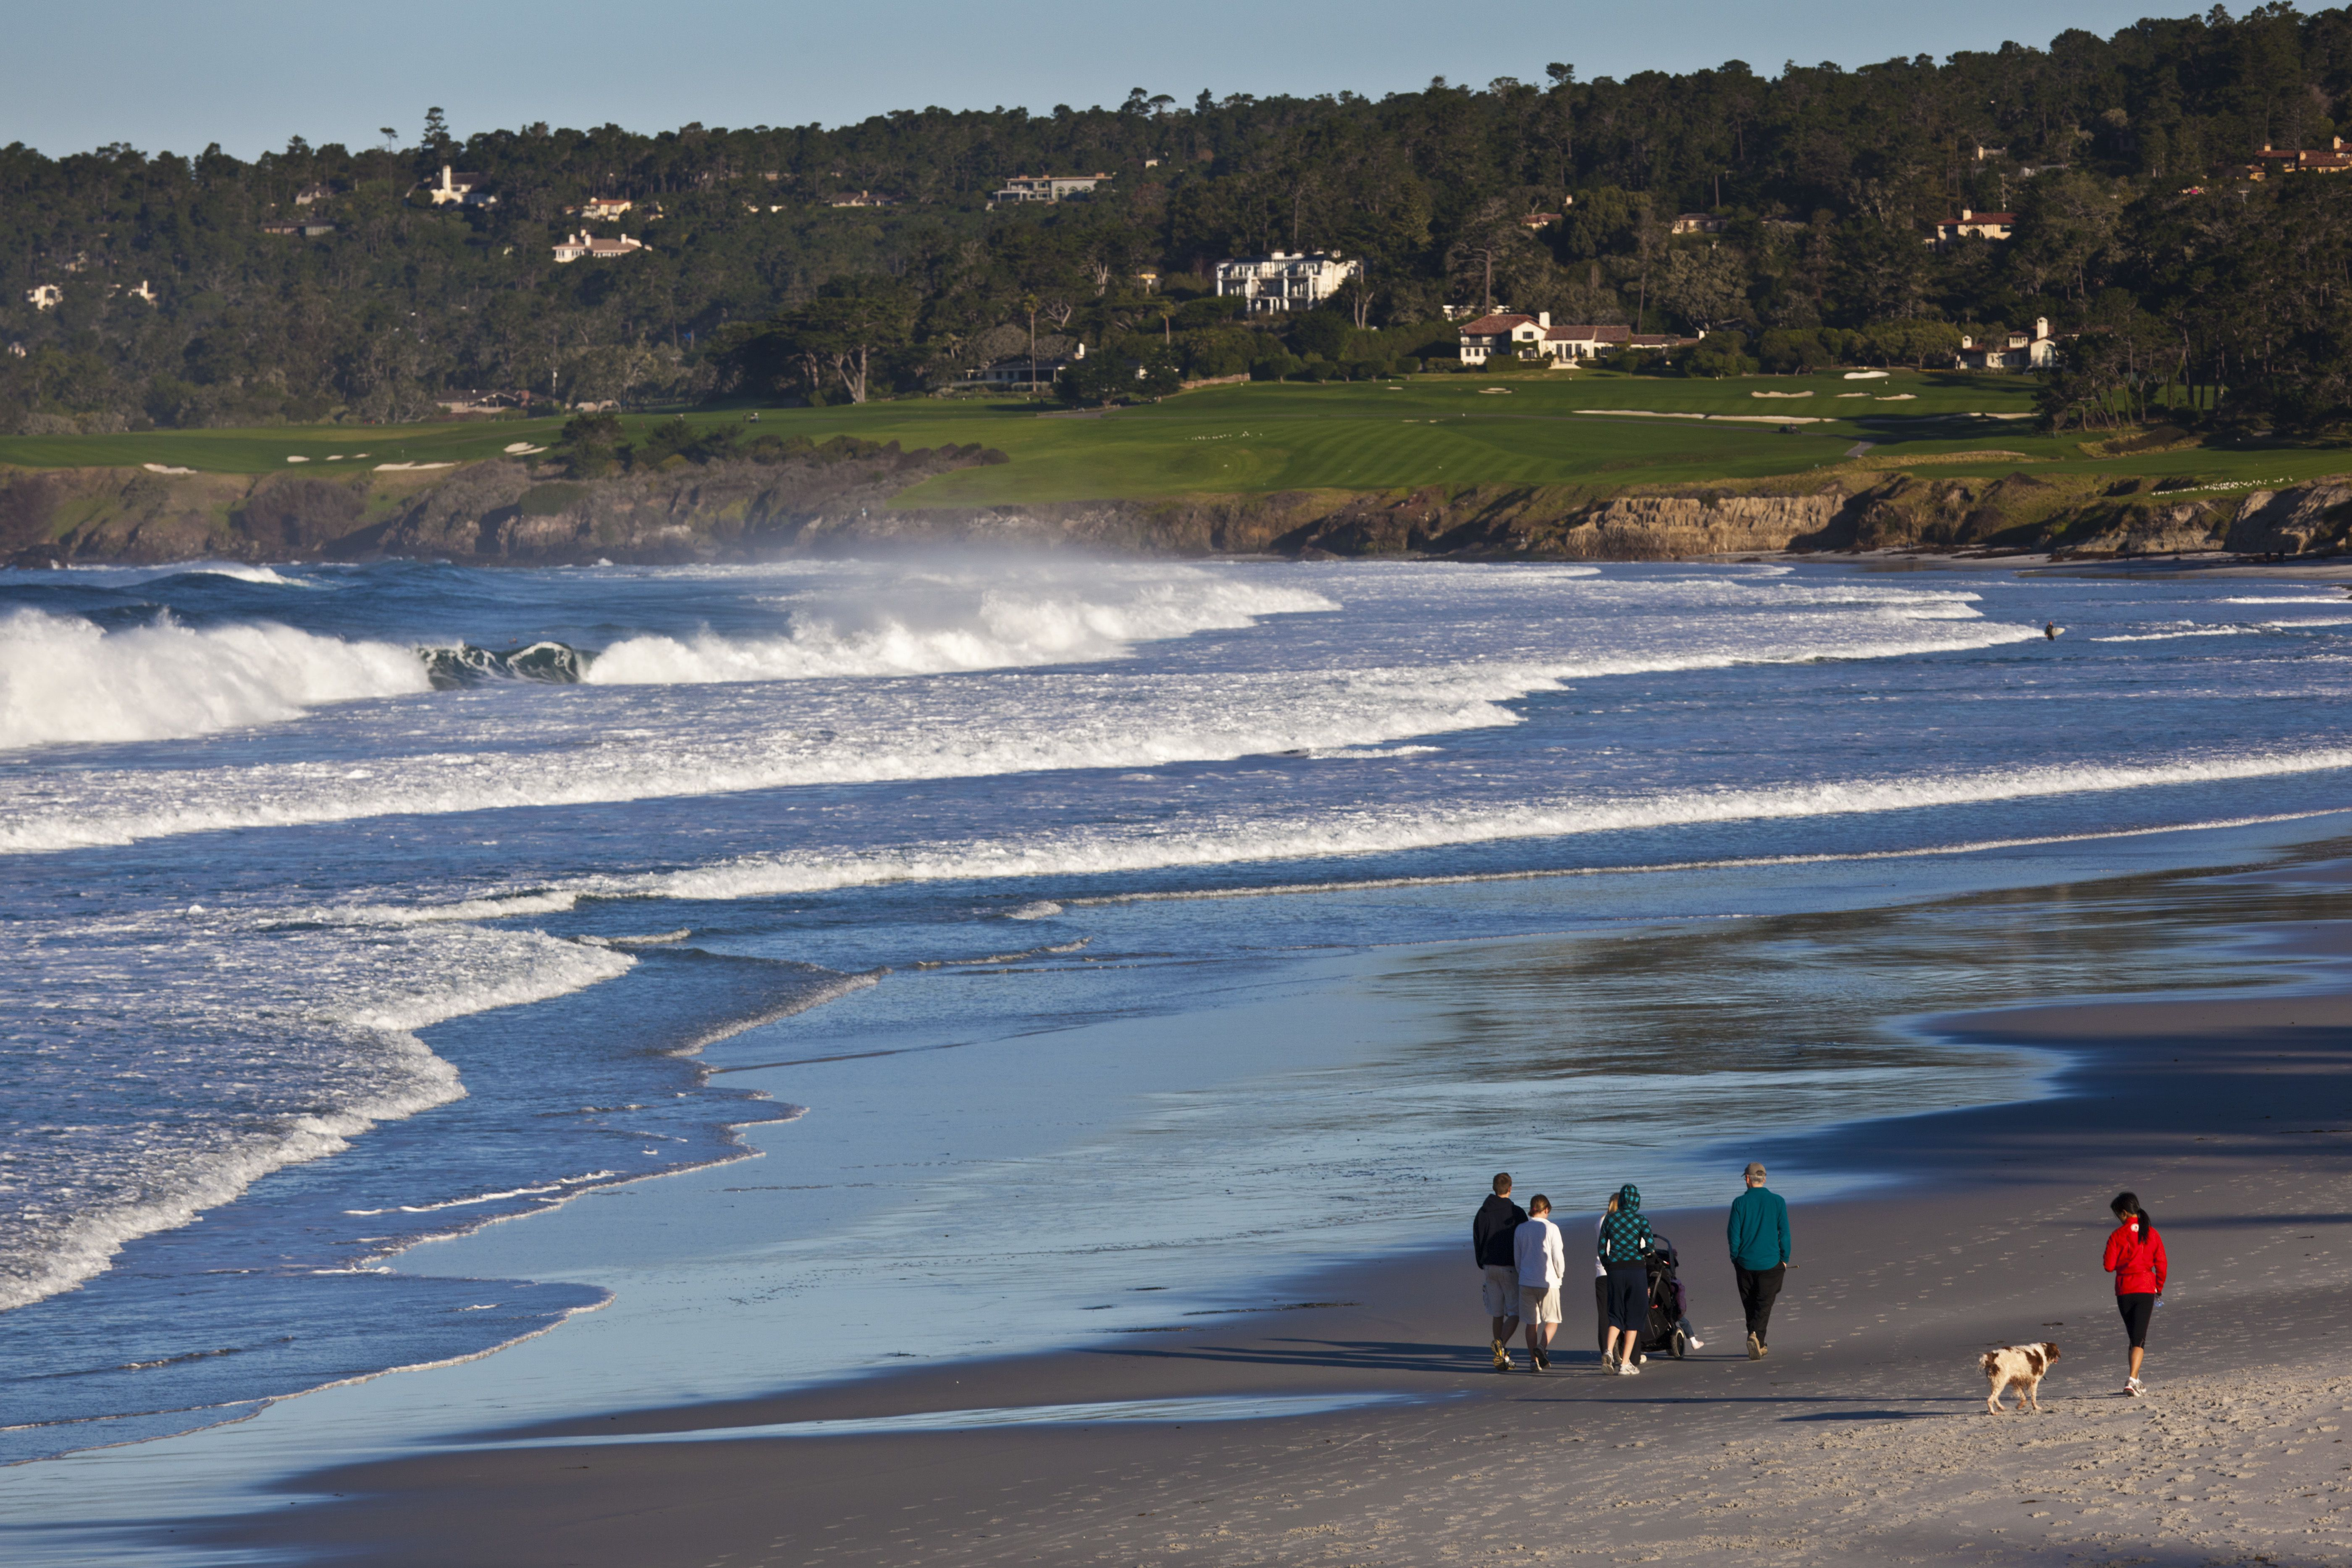 Pebble Beach Golf Course from Carmel Beach